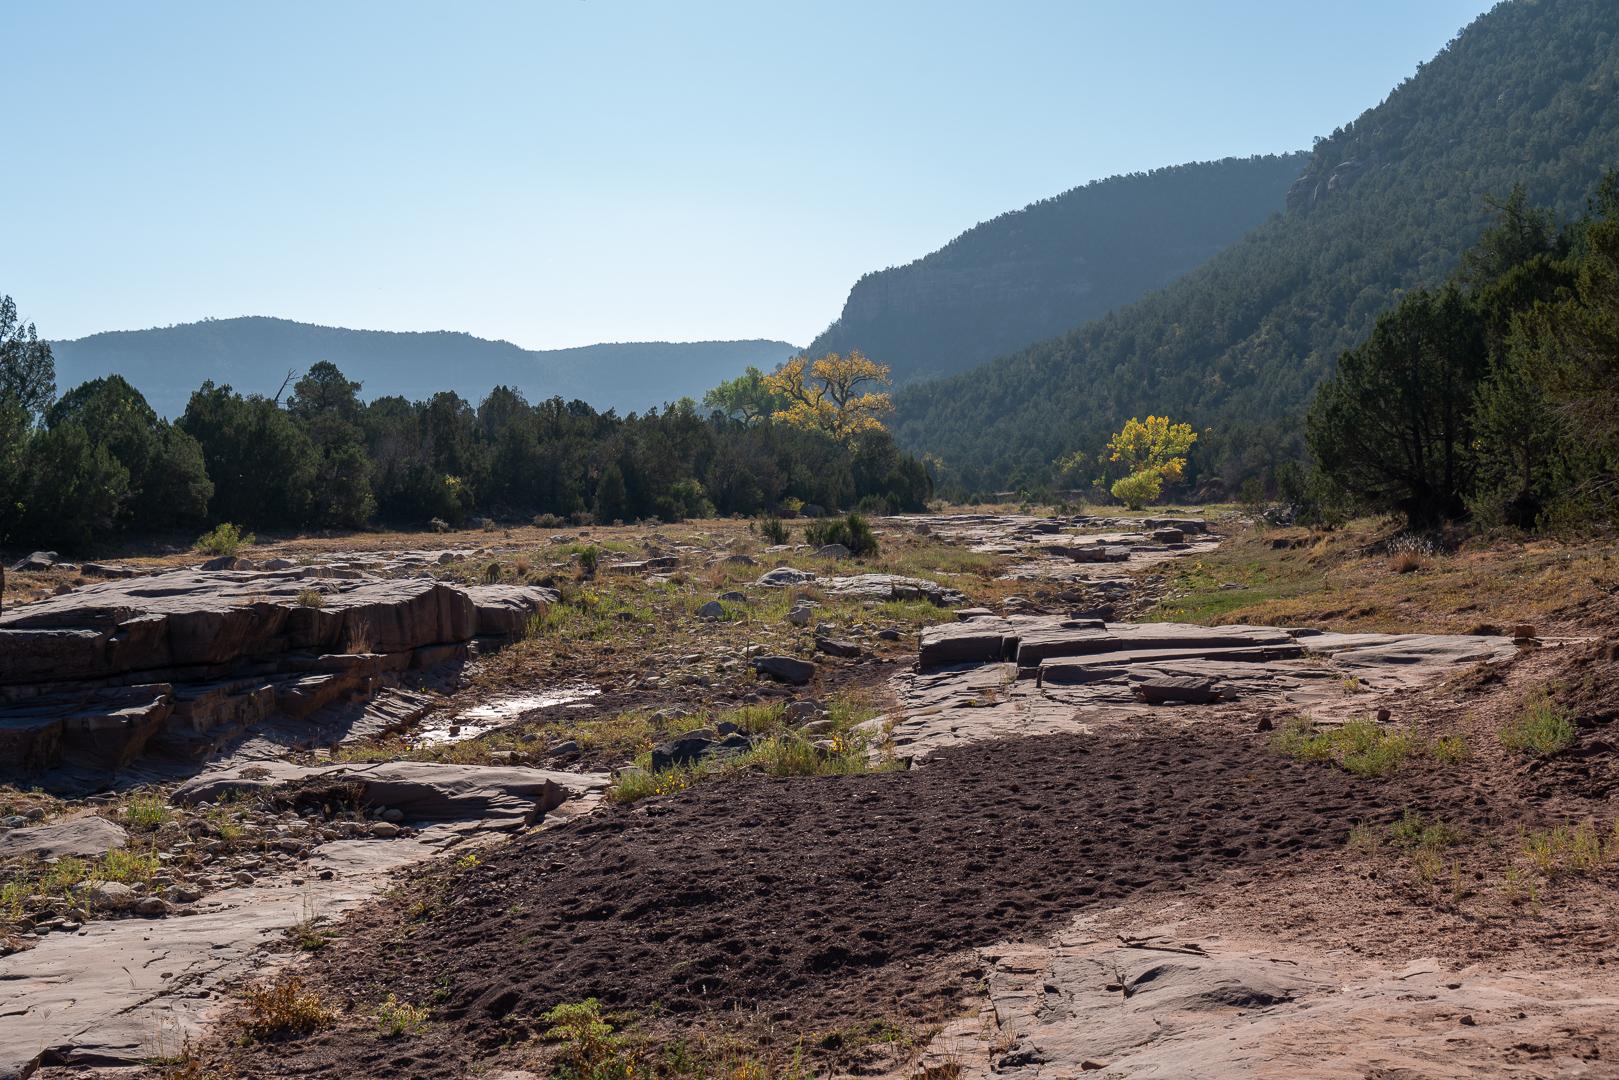 Solitude Monitoring in the Sabinoso, Cerro Del Yuta, and Rio San Antonio Wilderness Areas